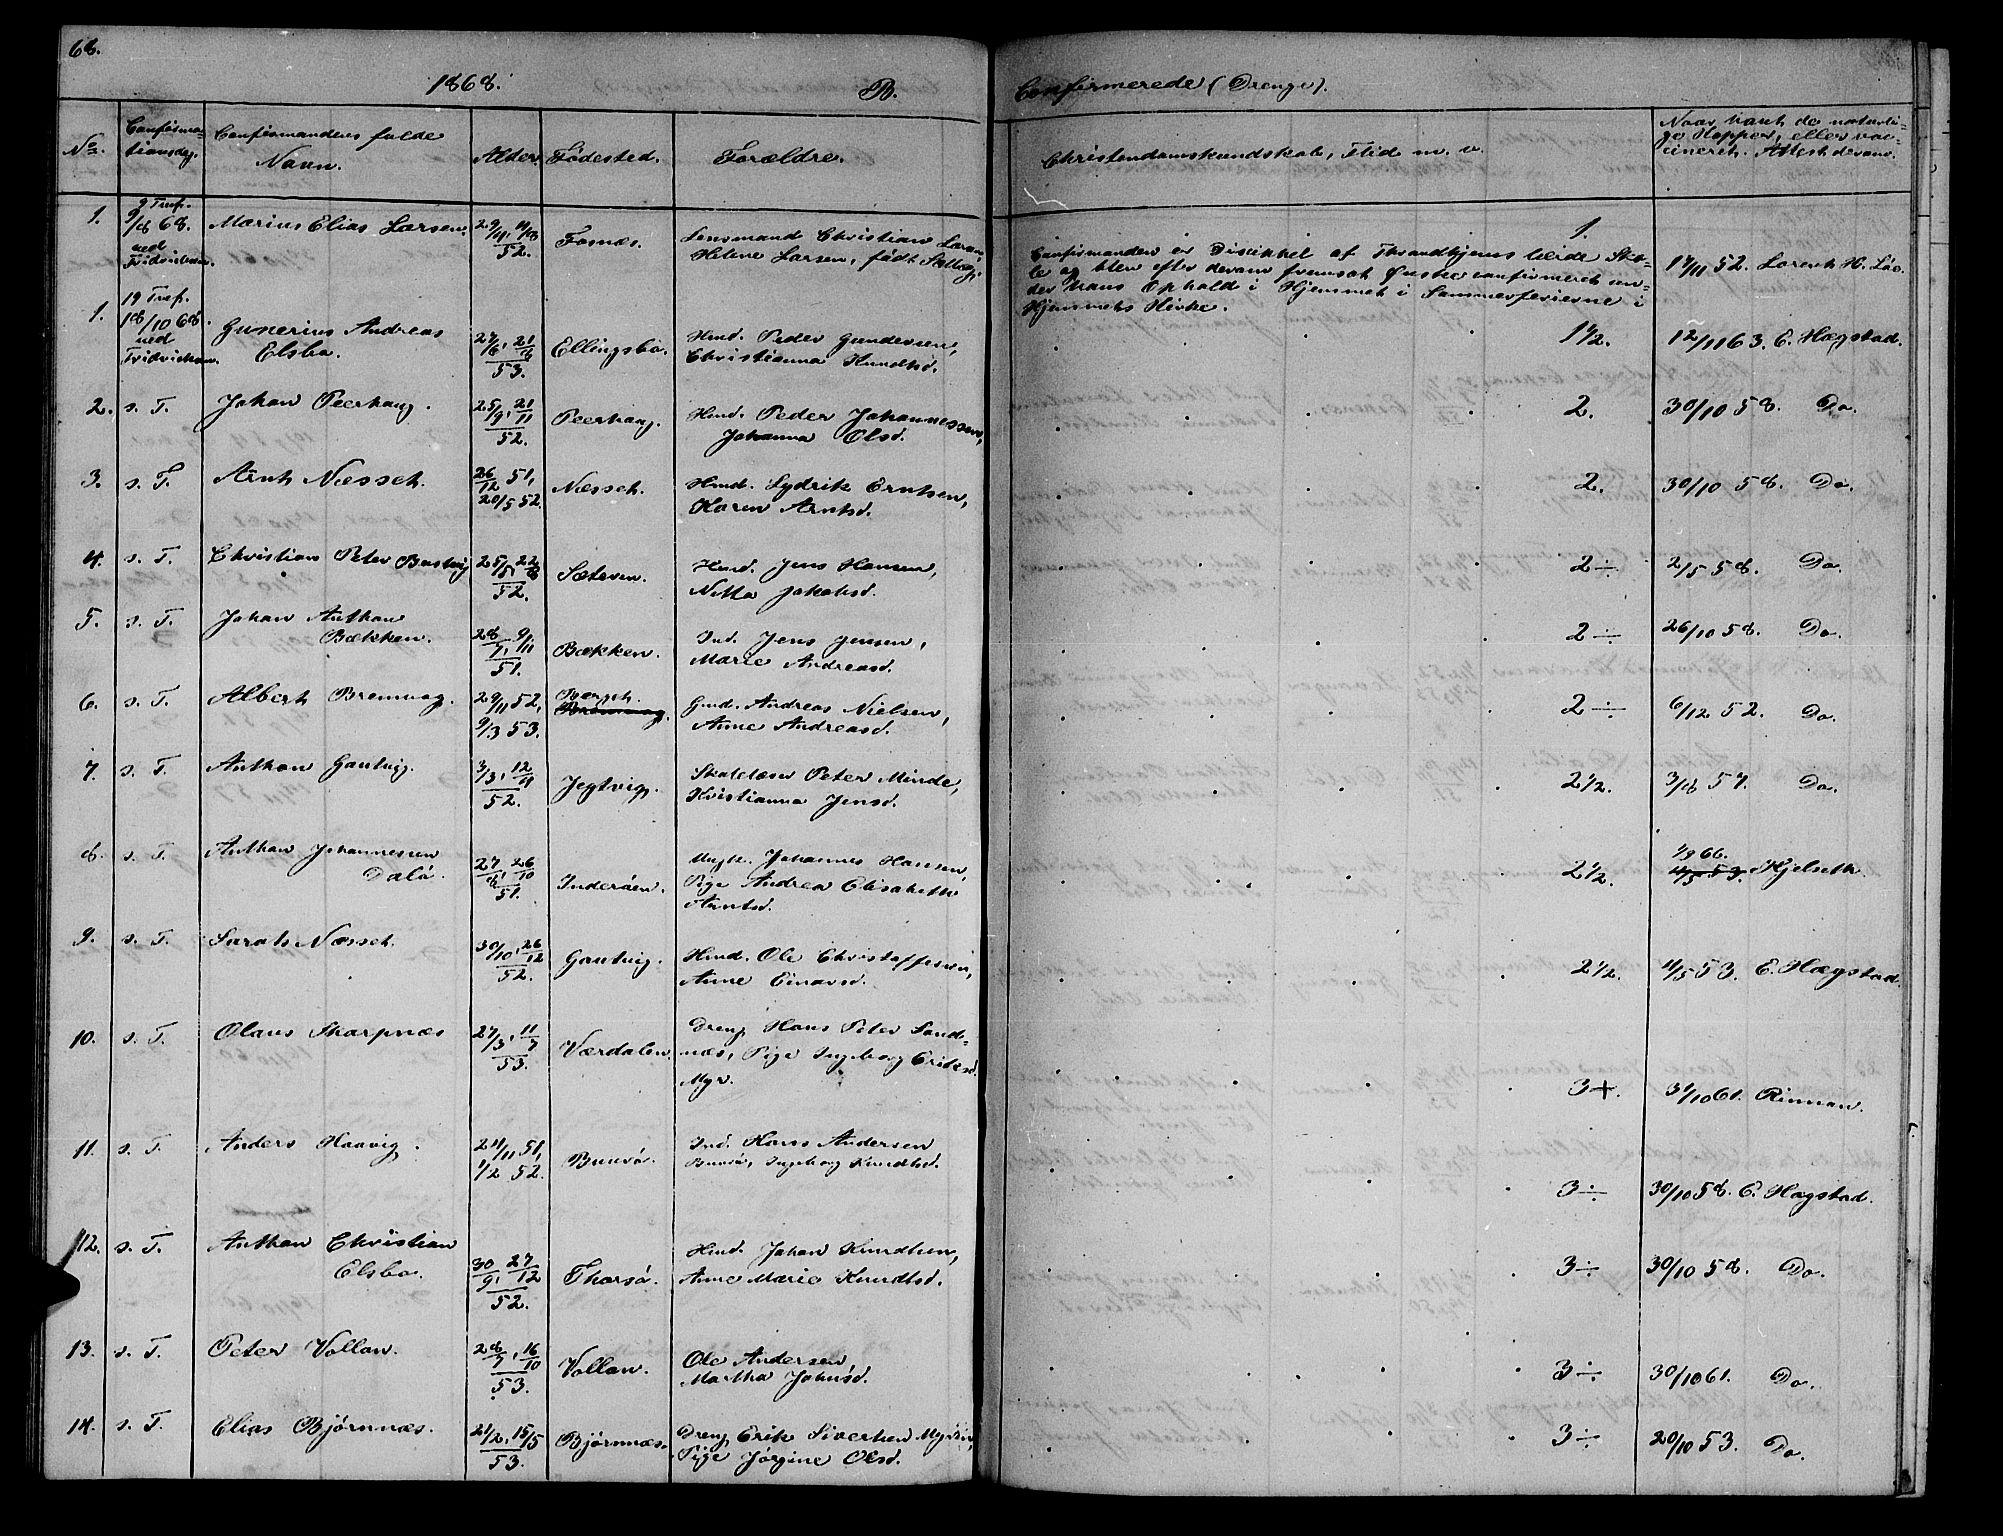 SAT, Ministerialprotokoller, klokkerbøker og fødselsregistre - Sør-Trøndelag, 634/L0539: Klokkerbok nr. 634C01, 1866-1873, s. 68b